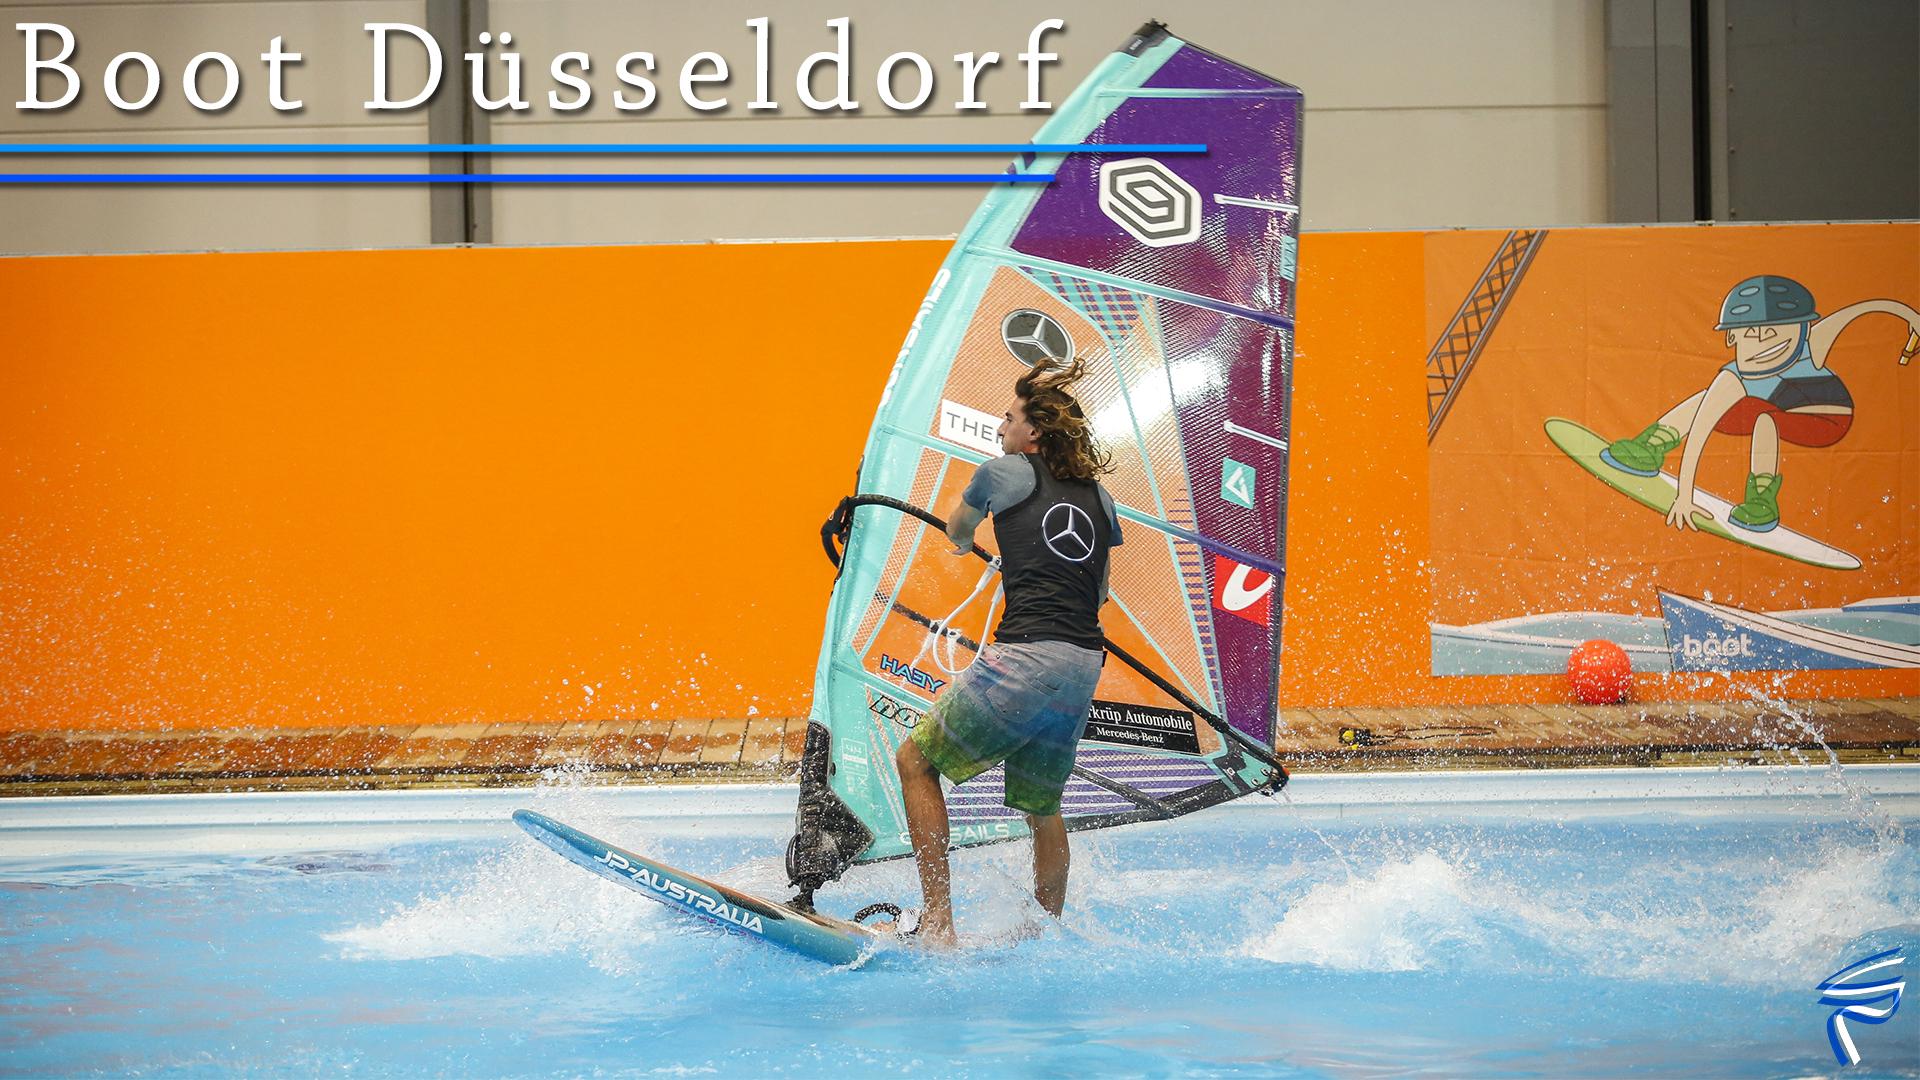 Boot Düsseldorf : Le plus grand salon nautique au monde